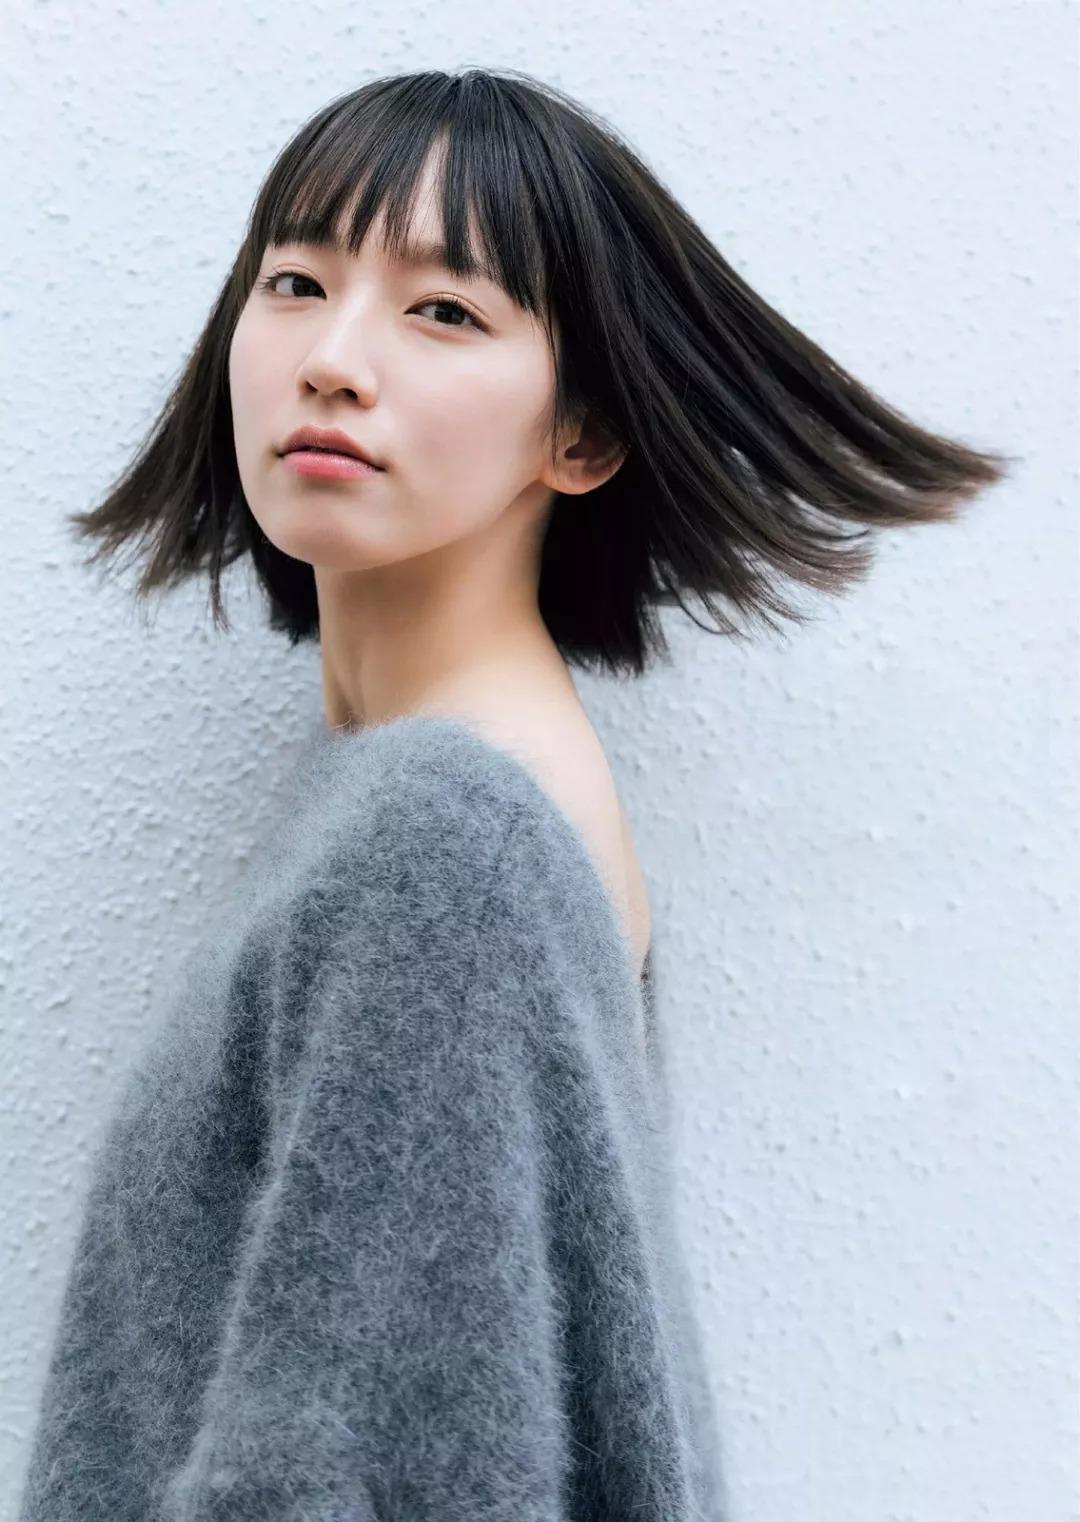 治愈系魔性之女吉冈里帆写真作品 (69)